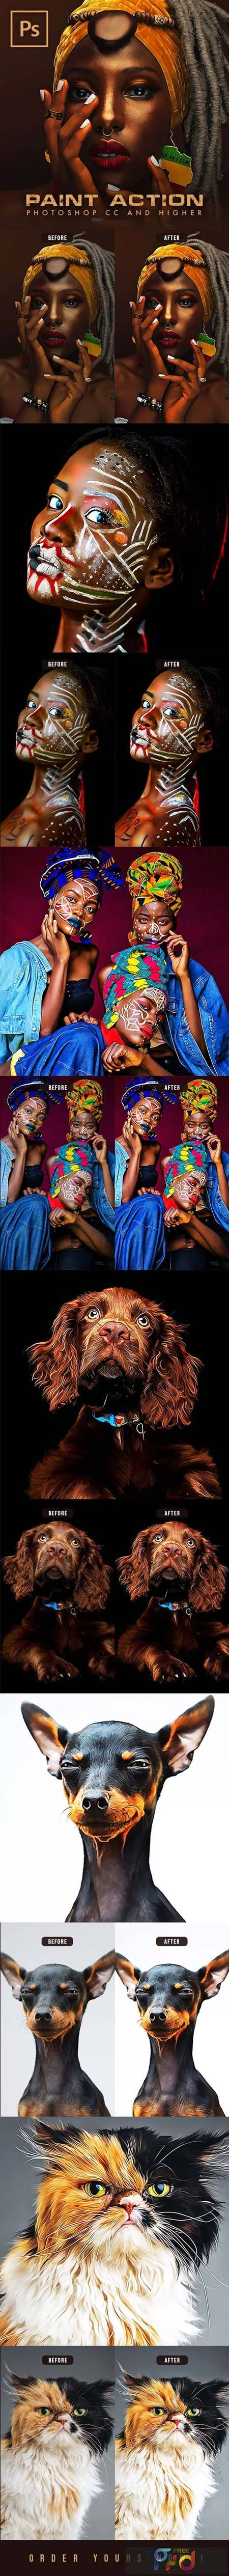 Paint Photoshop Action 28735099 1